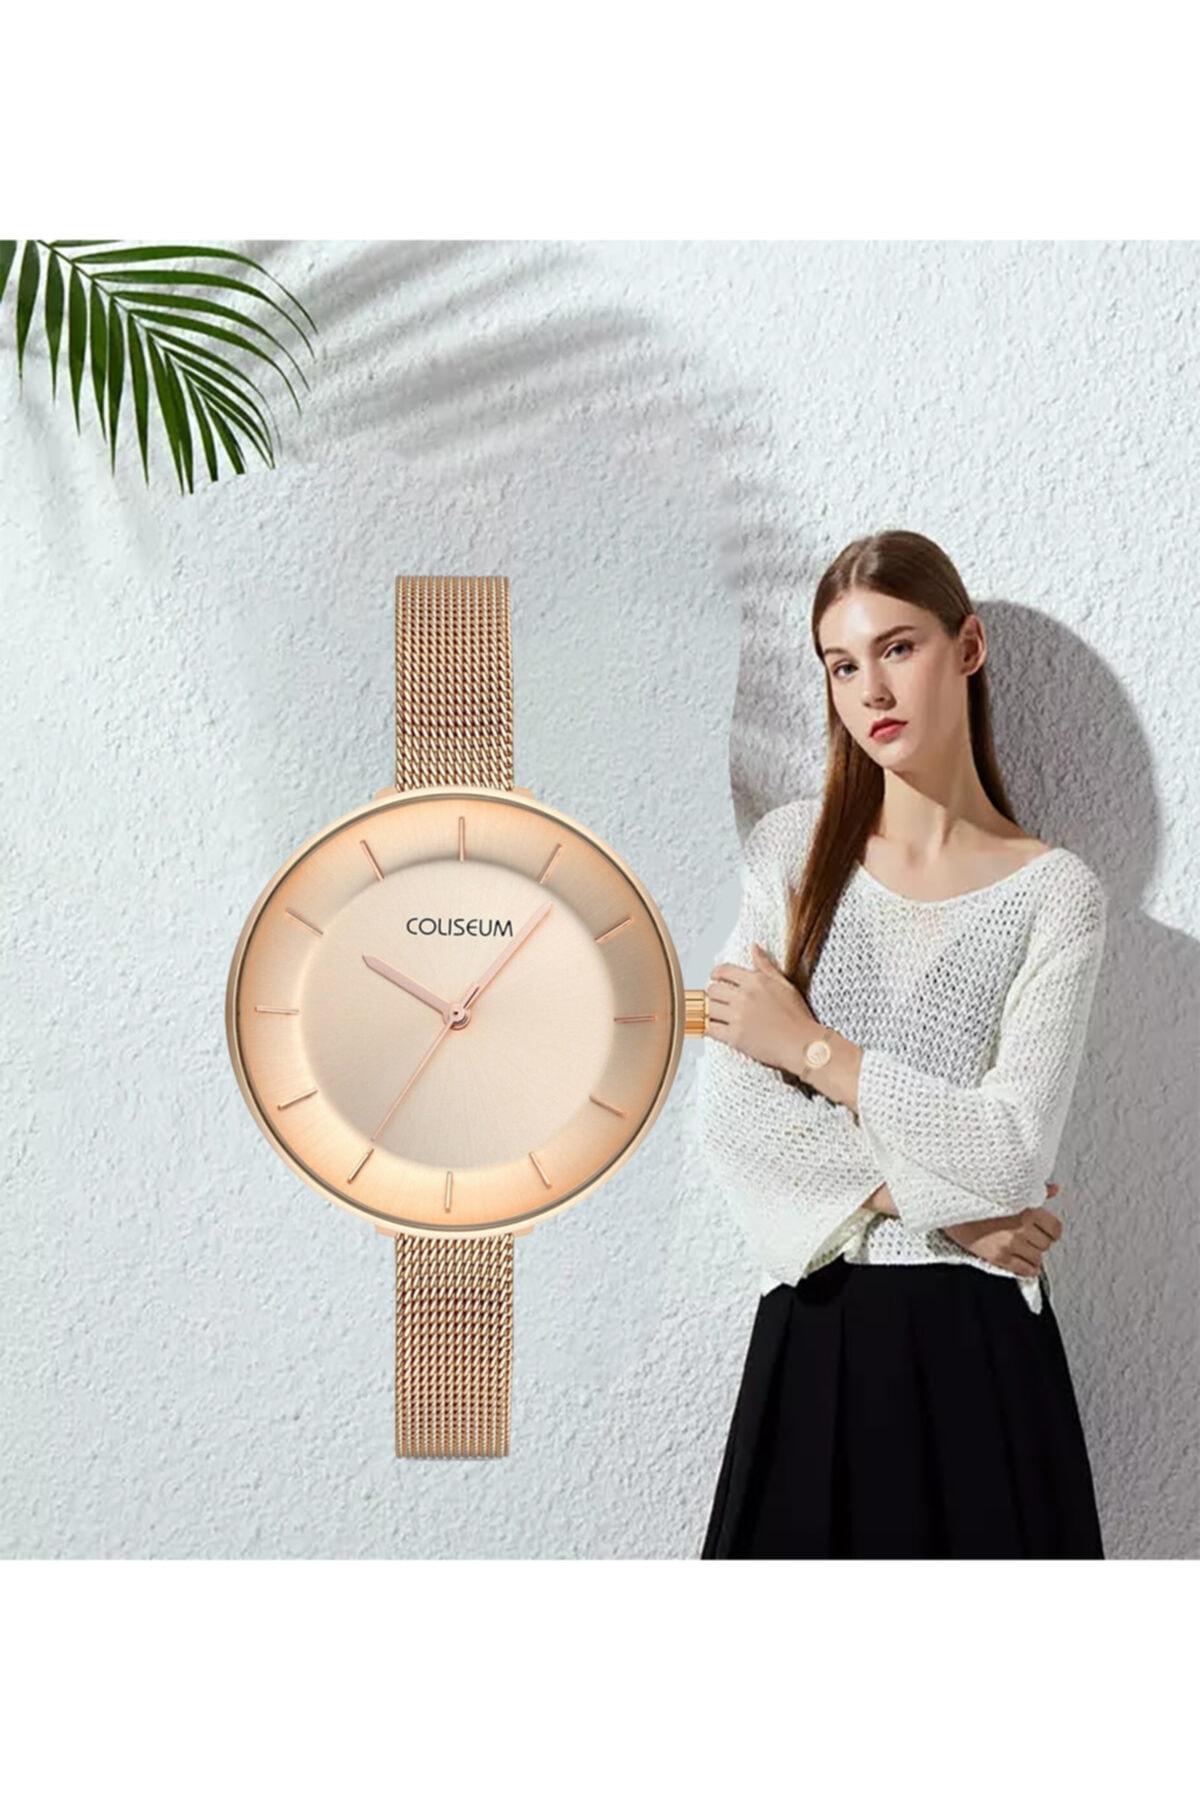 Kadın Kol Saati Moda Trend Bayan Kol Saati Rose Gold